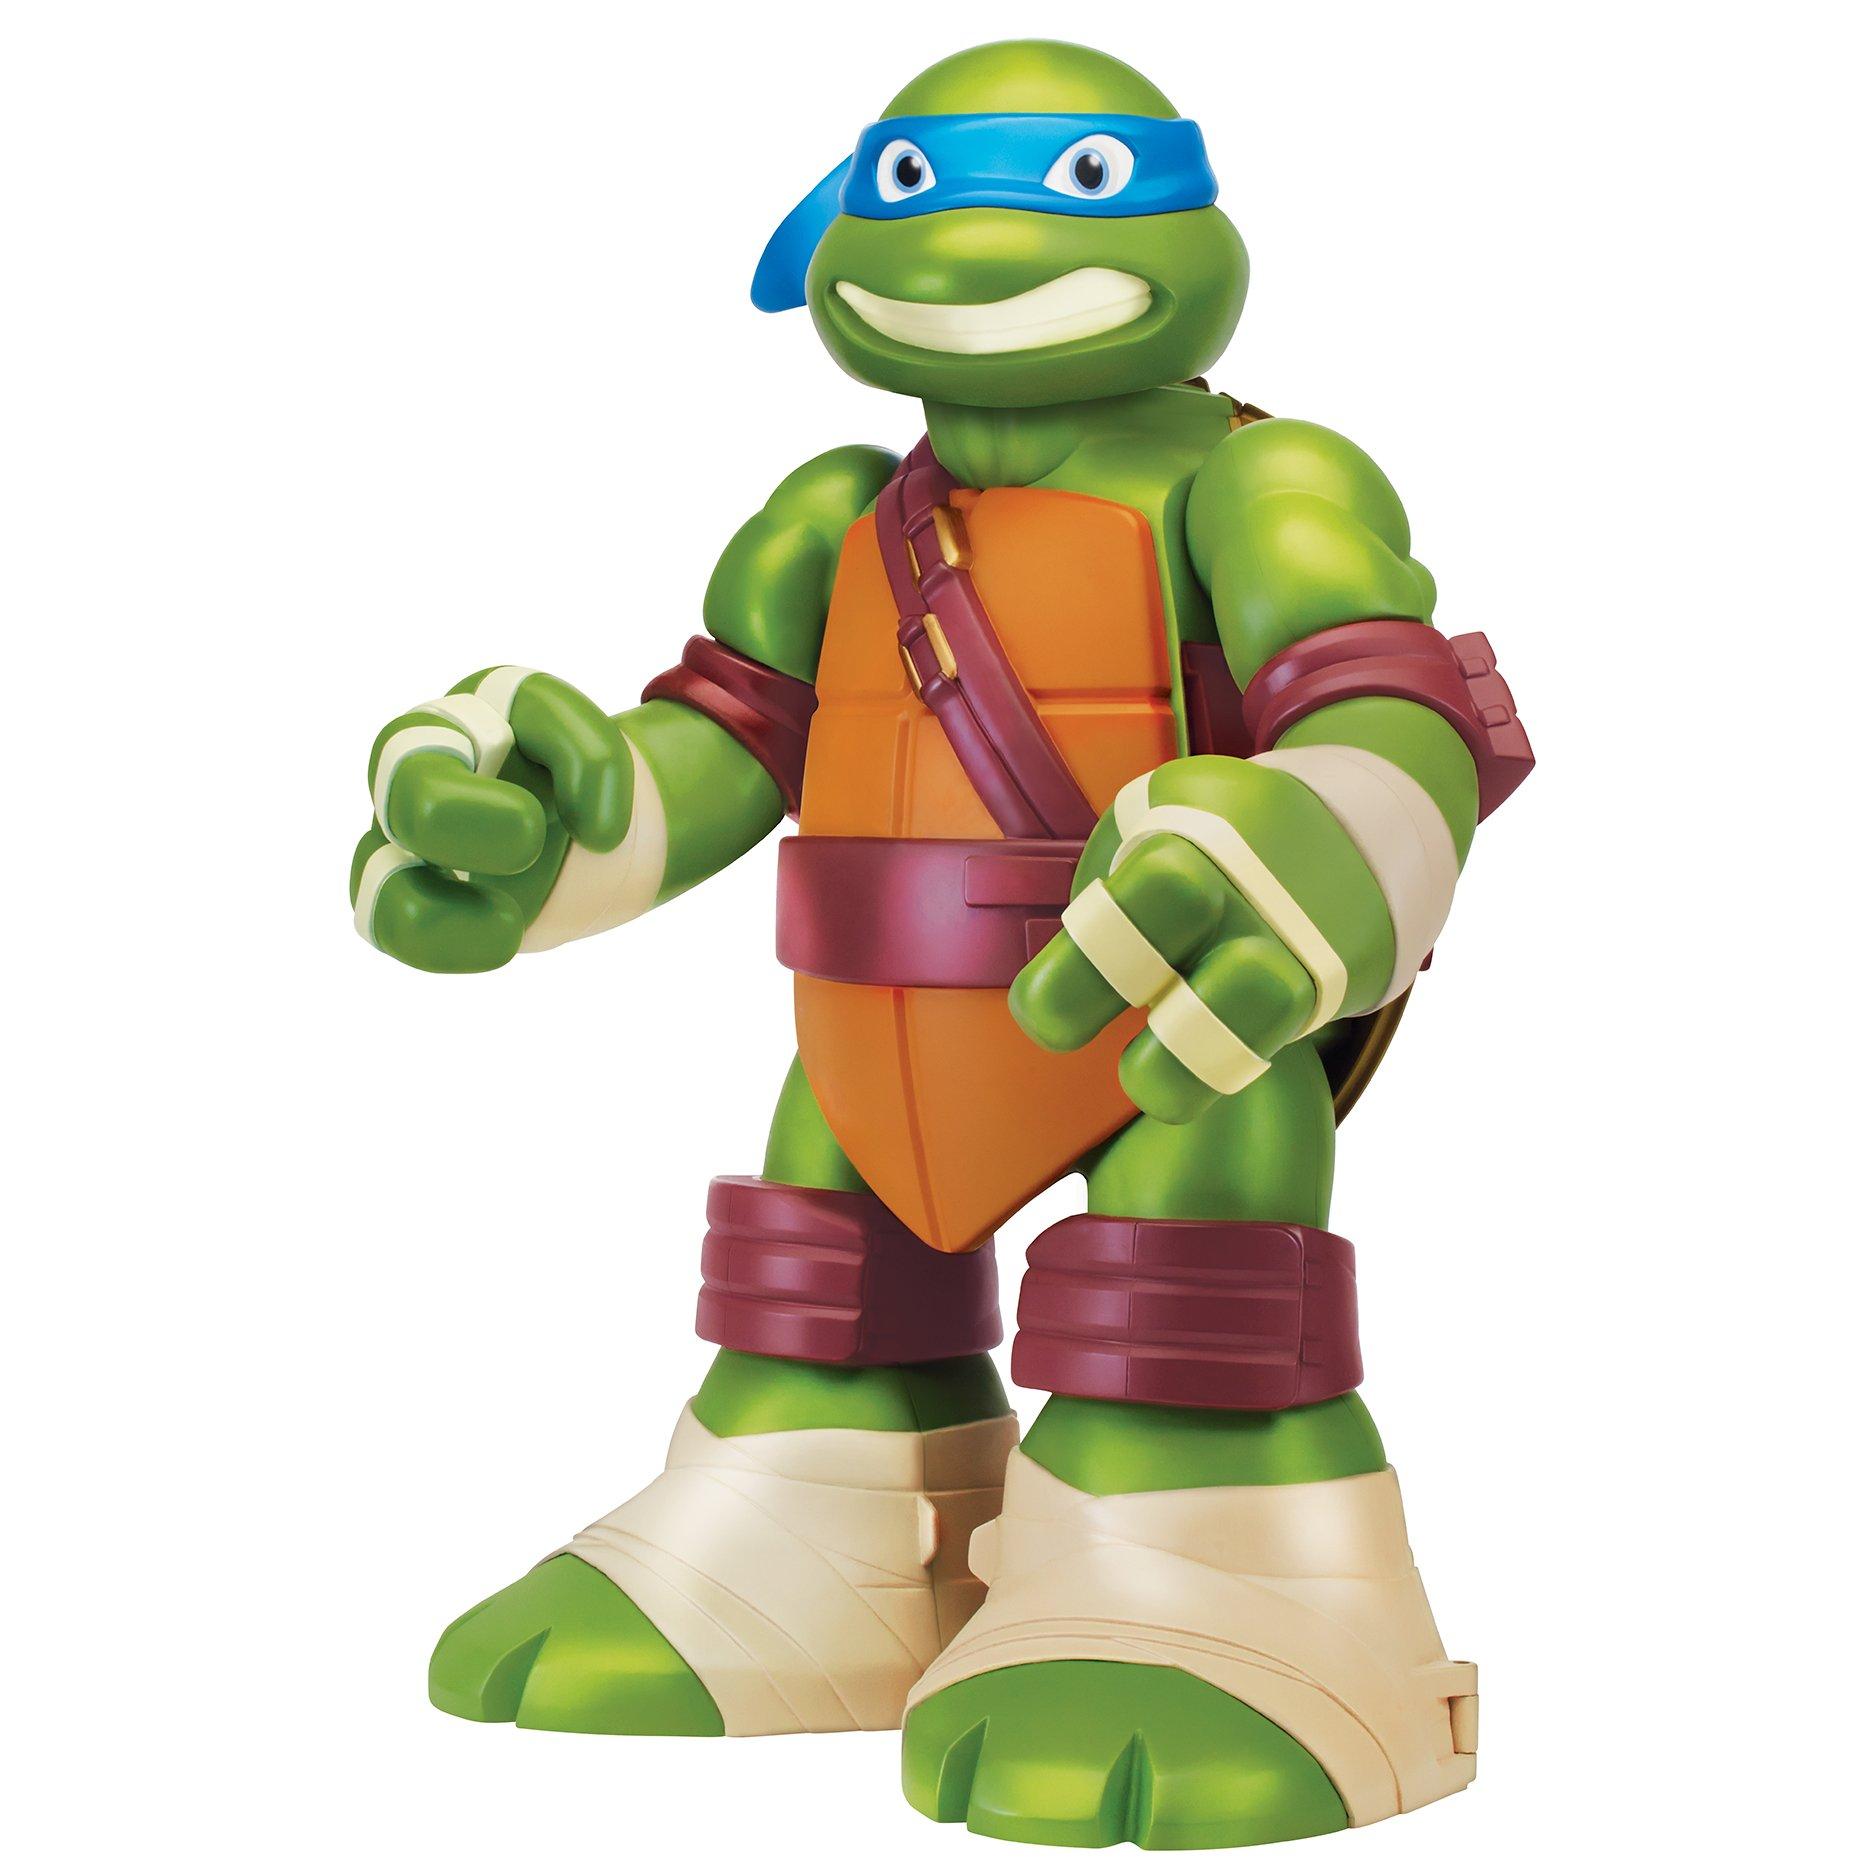 Teenage Mutant Ninja Turtles Playset 24''